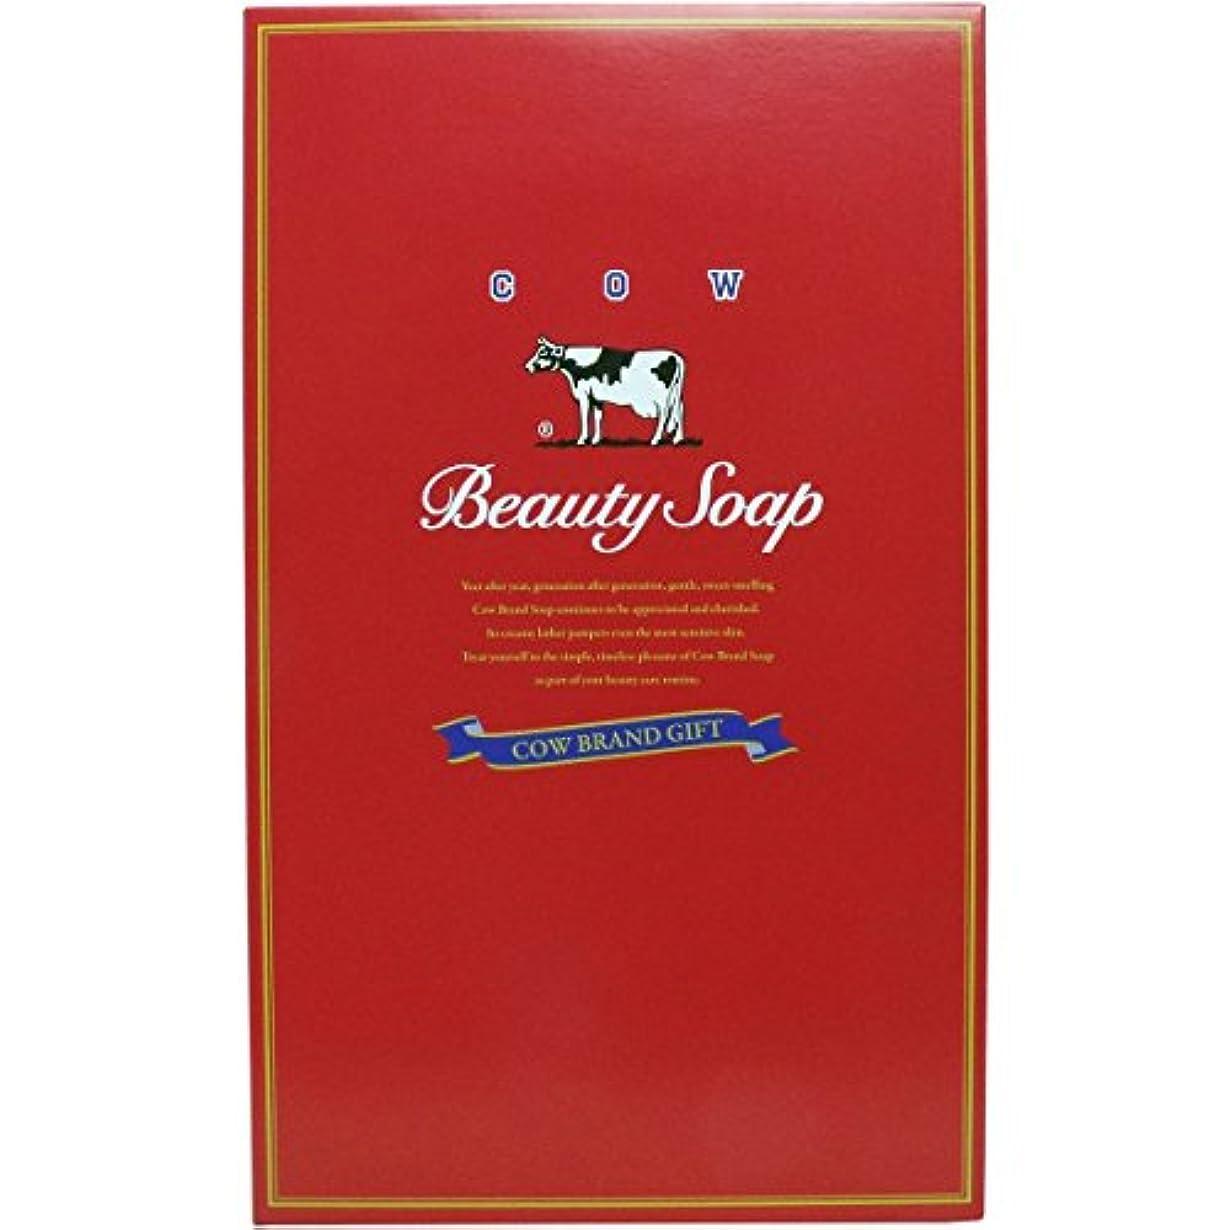 落ち着いた過言怖い牛乳石鹸共進社 カウブランド石鹸 赤箱 100g×10個×16箱